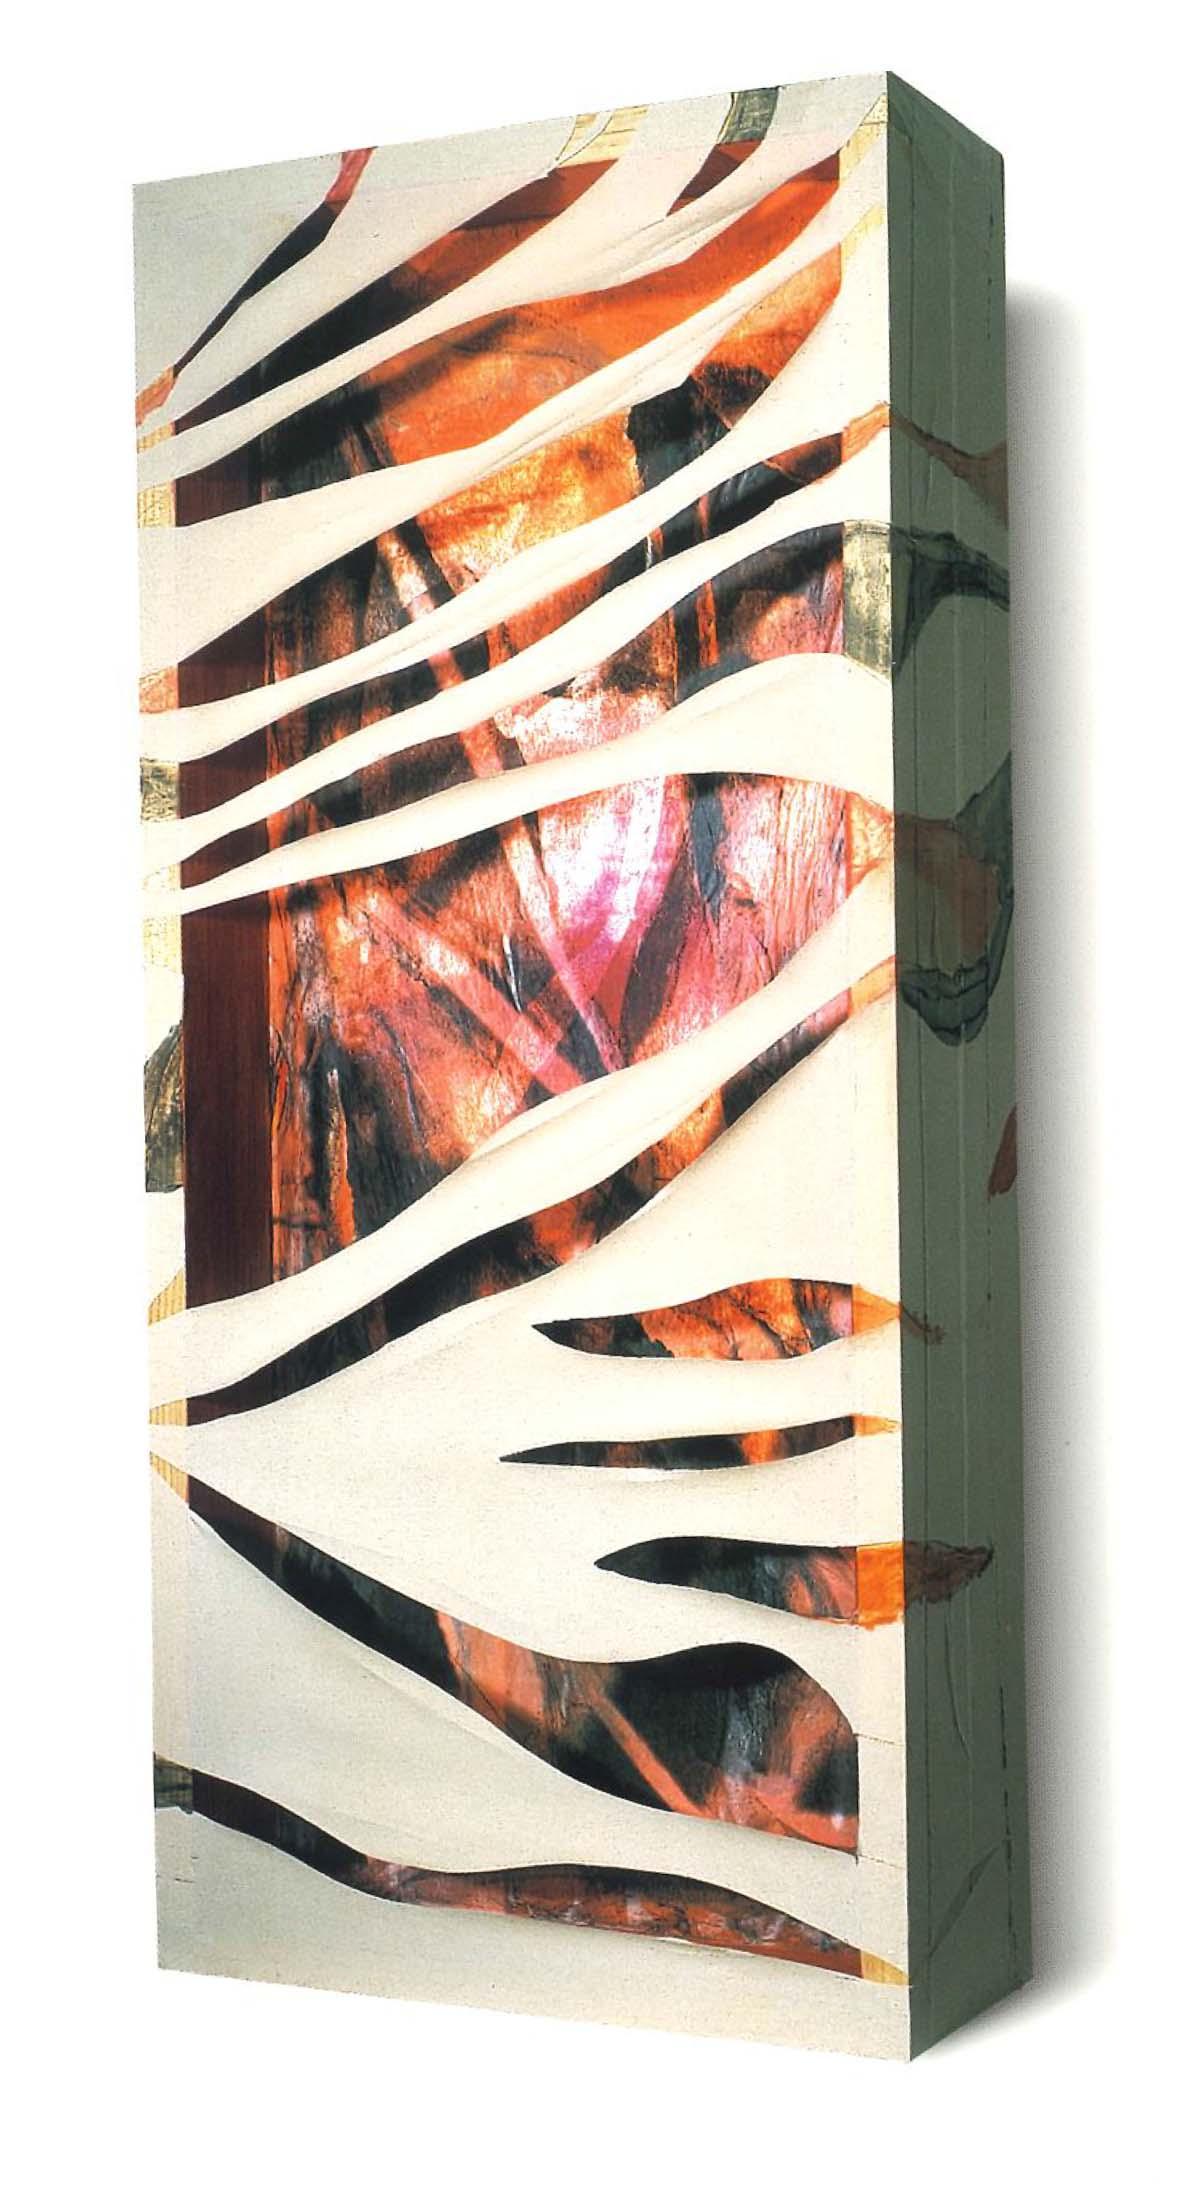 Conflicto Interno, 2001 t copia.mixta s-tela 110 x 50 x 25 cm